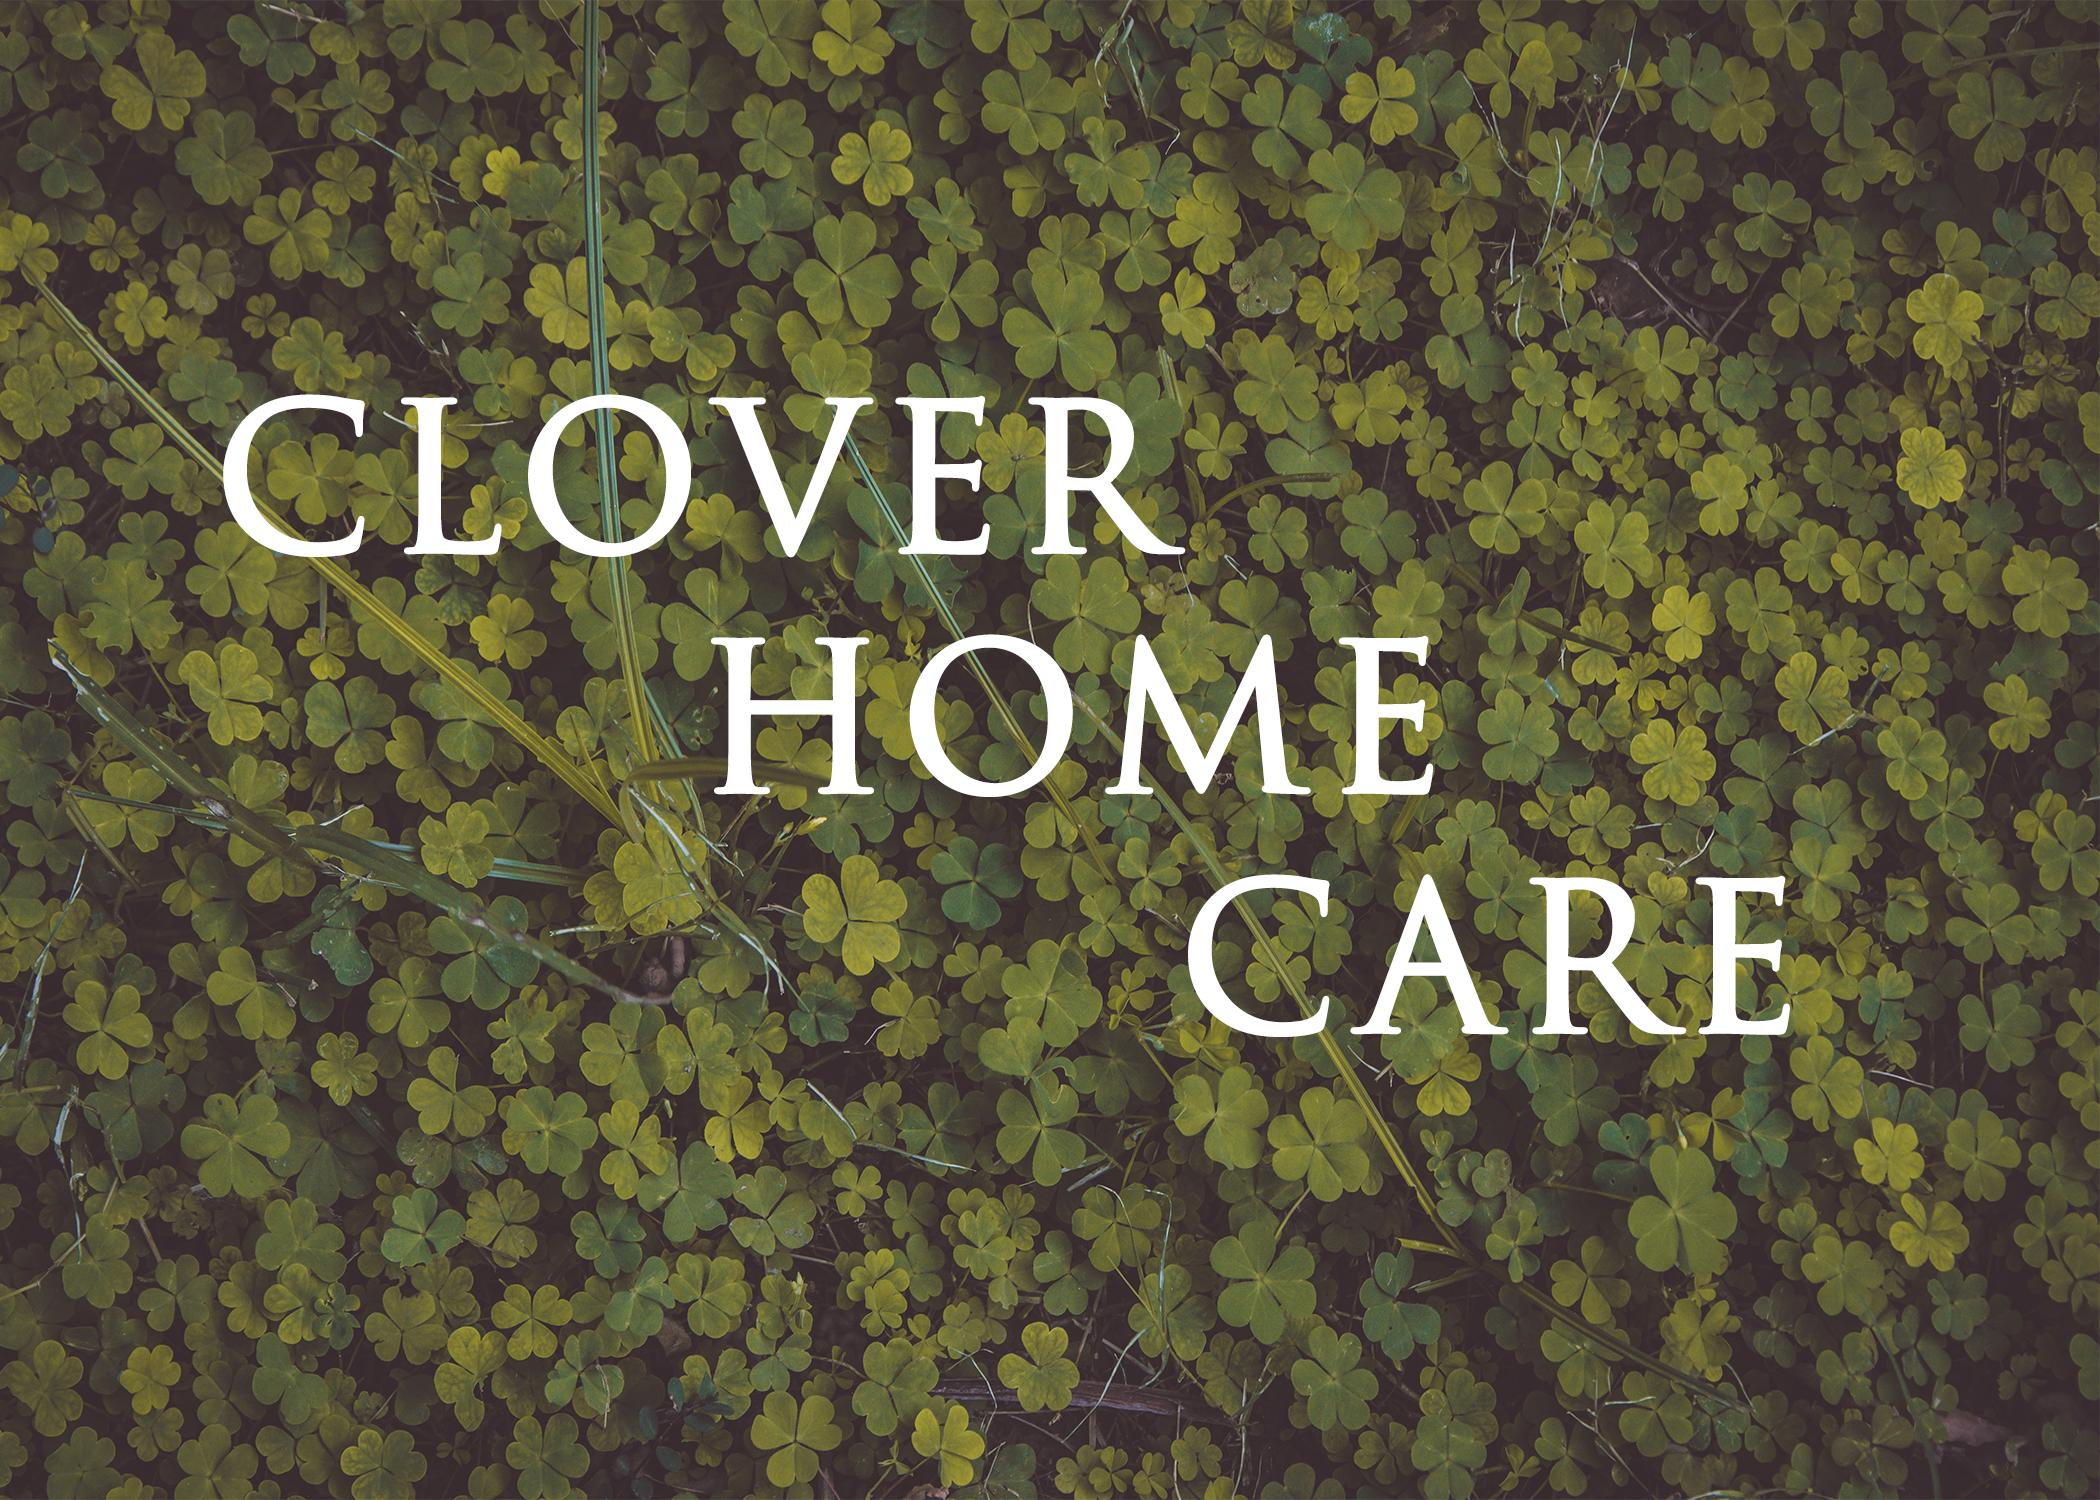 Clover Home Care